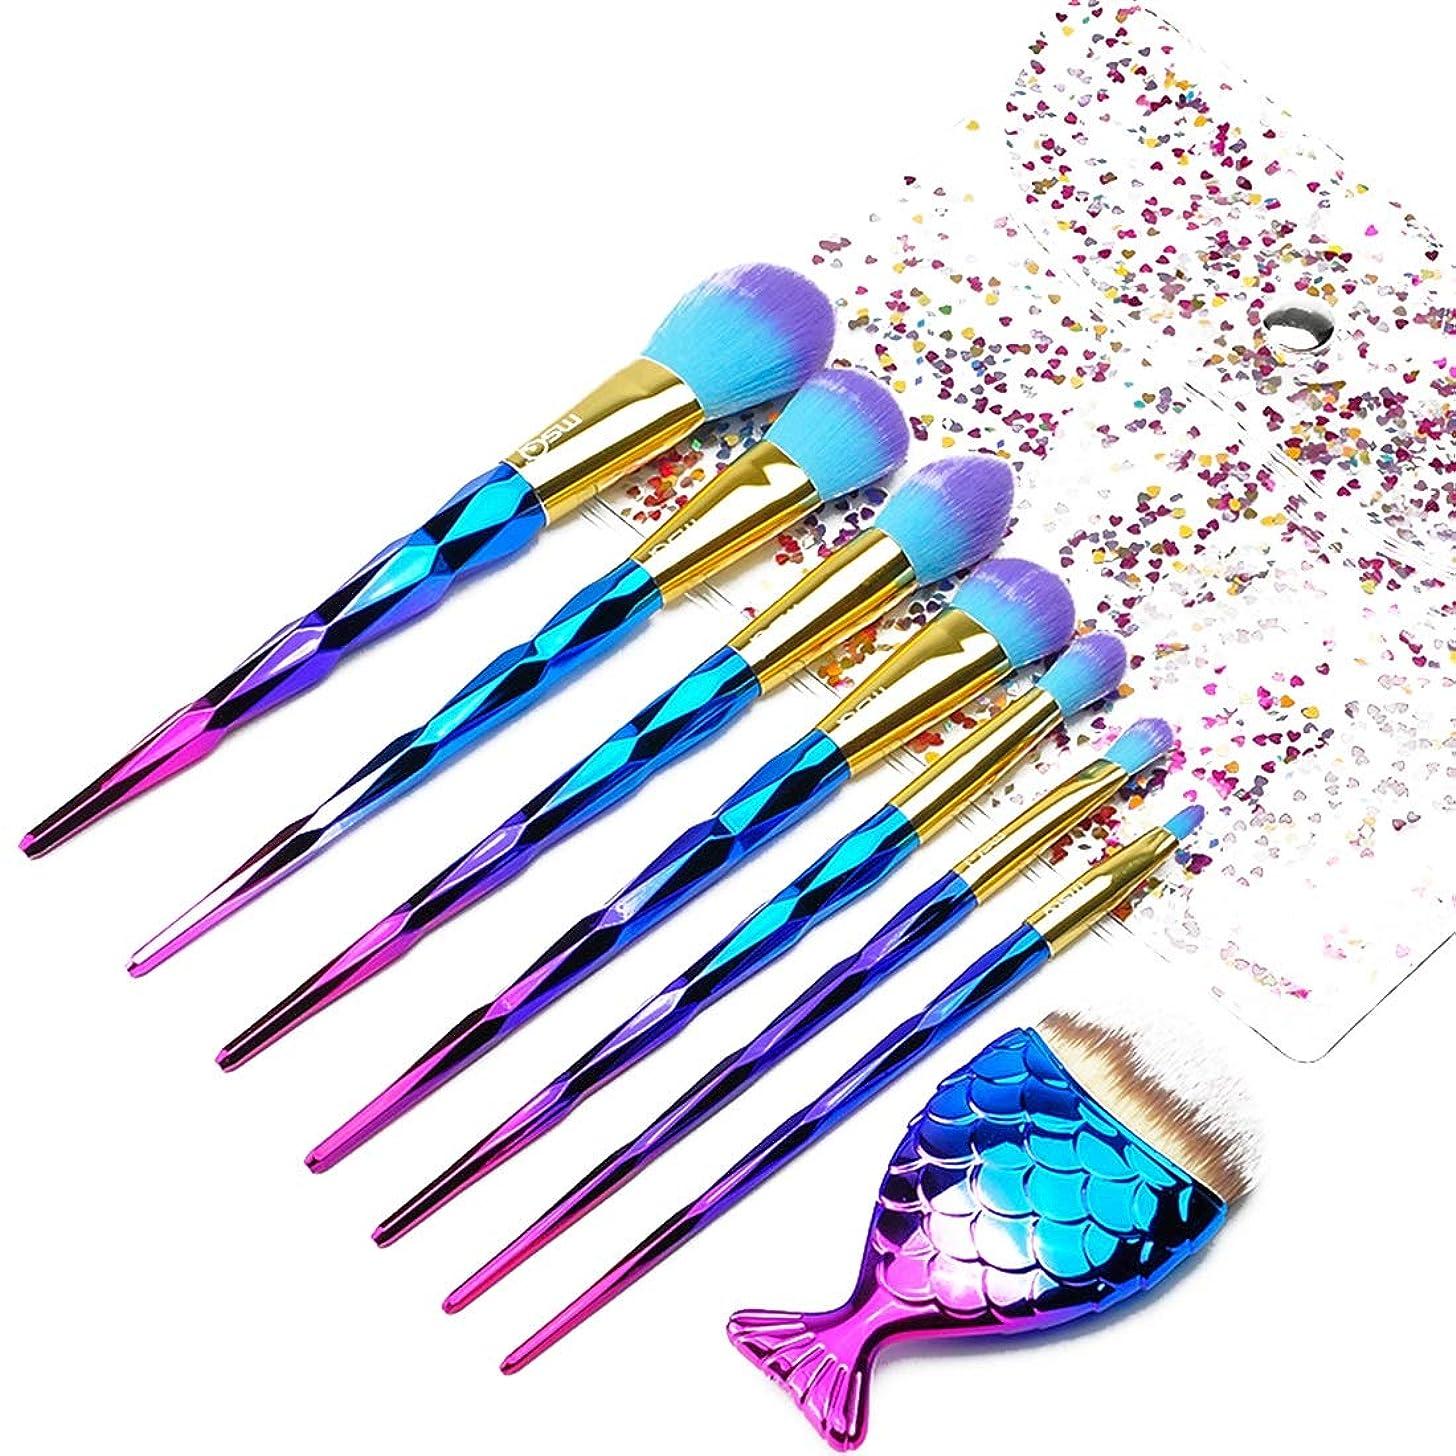 最終的に最終的にハードNekovan FUYZBメイクブラシ、Angelabasics 7PCS /セットメイクアップブラシファンデーションアイシャドーブラッシャーパウダーブレンド化粧ブラシメイクブラシセット (Color : Gradient)